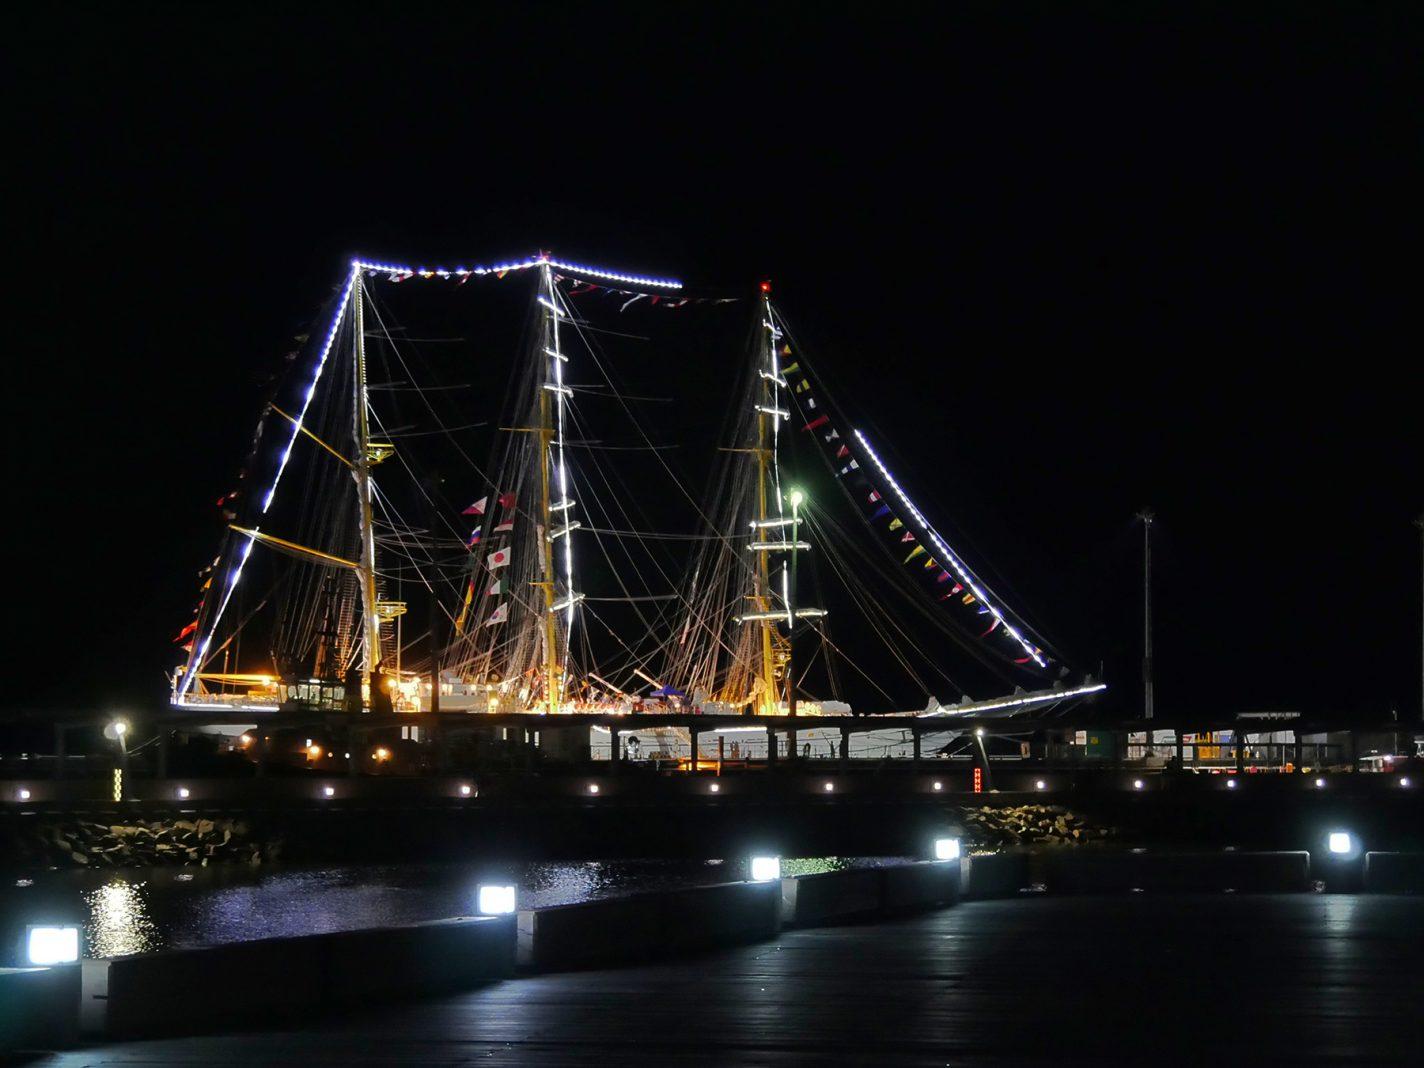 Toevallig stond er ook nog een mooi verlicht zeilschip - Tropical Light in Darwin